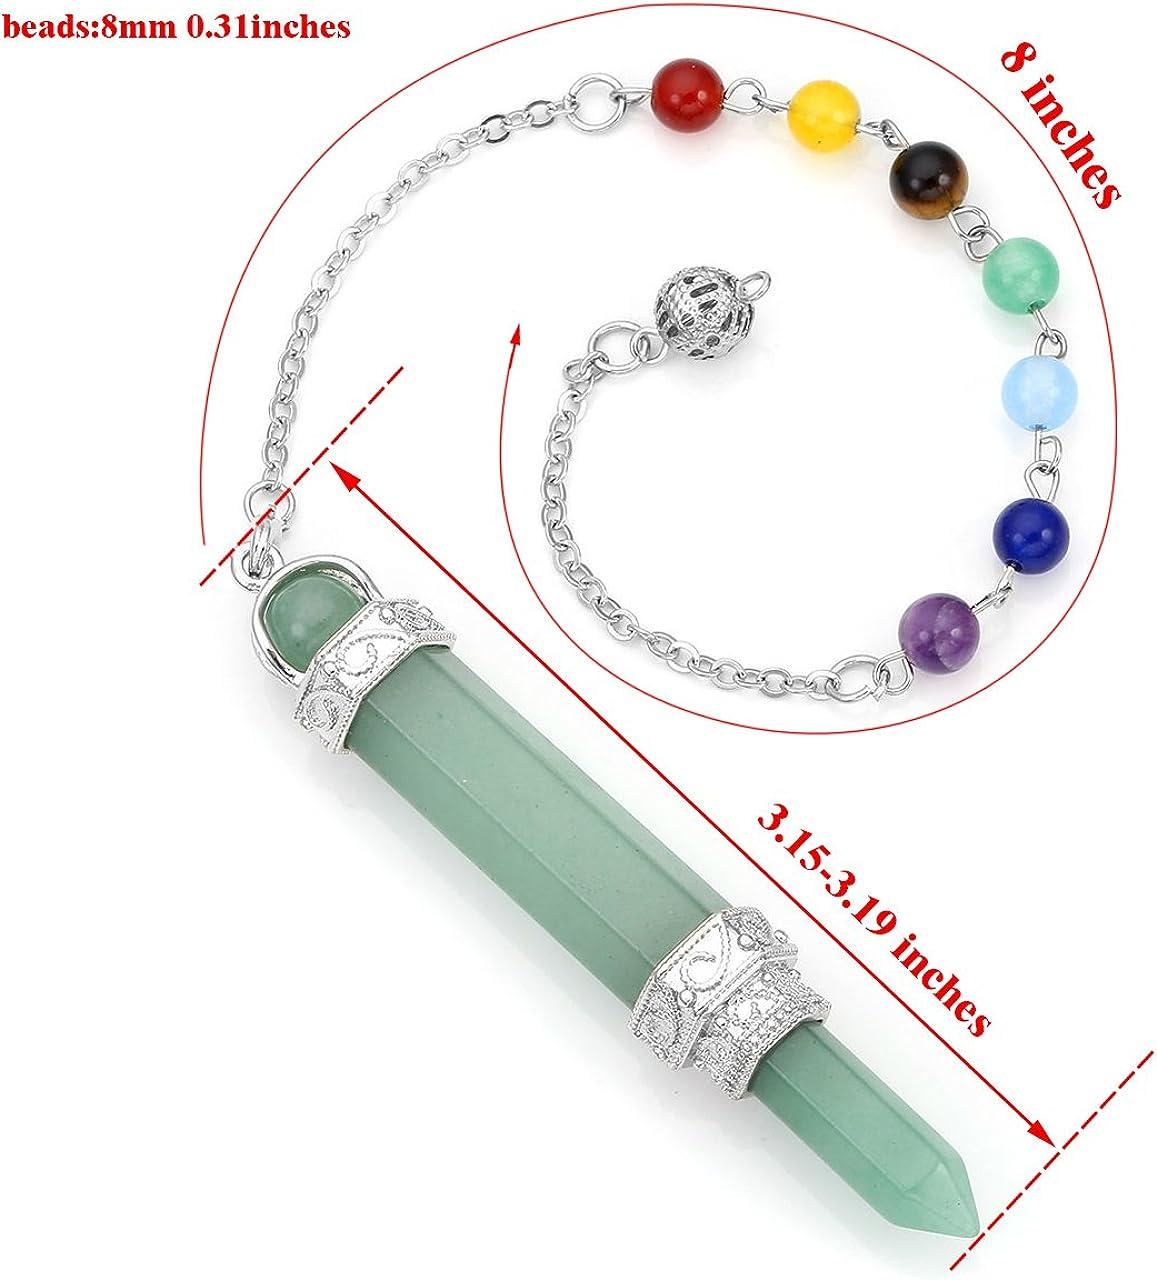 Chakra Pendantif Combinaison Bracelet am/éthyste JOVIVI Pendule Esoterisme Radiesth/ésie Divination Rod Agate Pierres 7